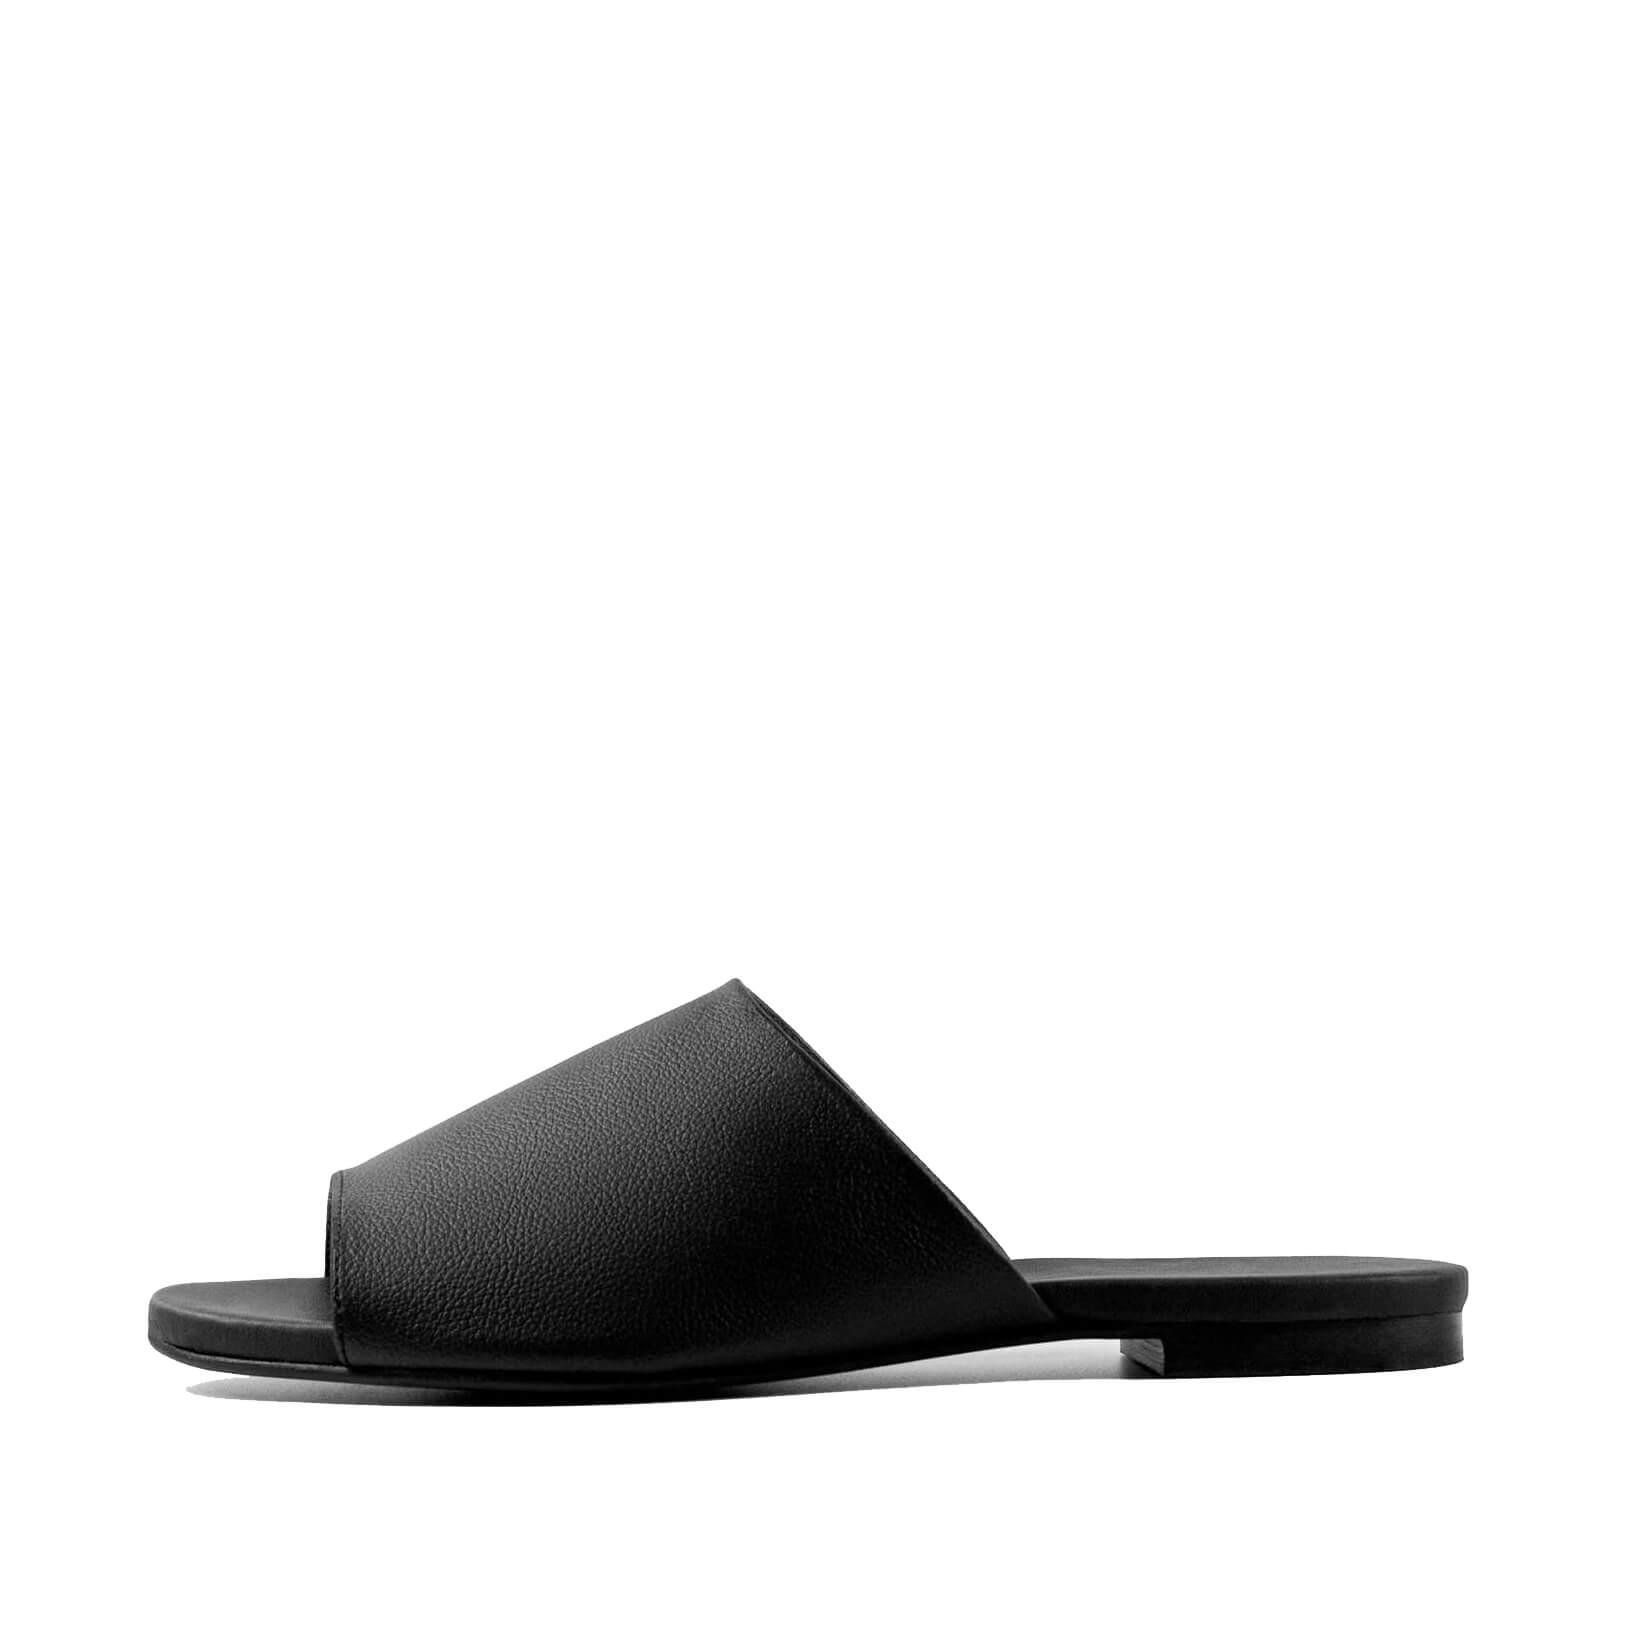 BOHEMA Ritzy Grape Leather Flip Flops | SoBio Beauty Boutique